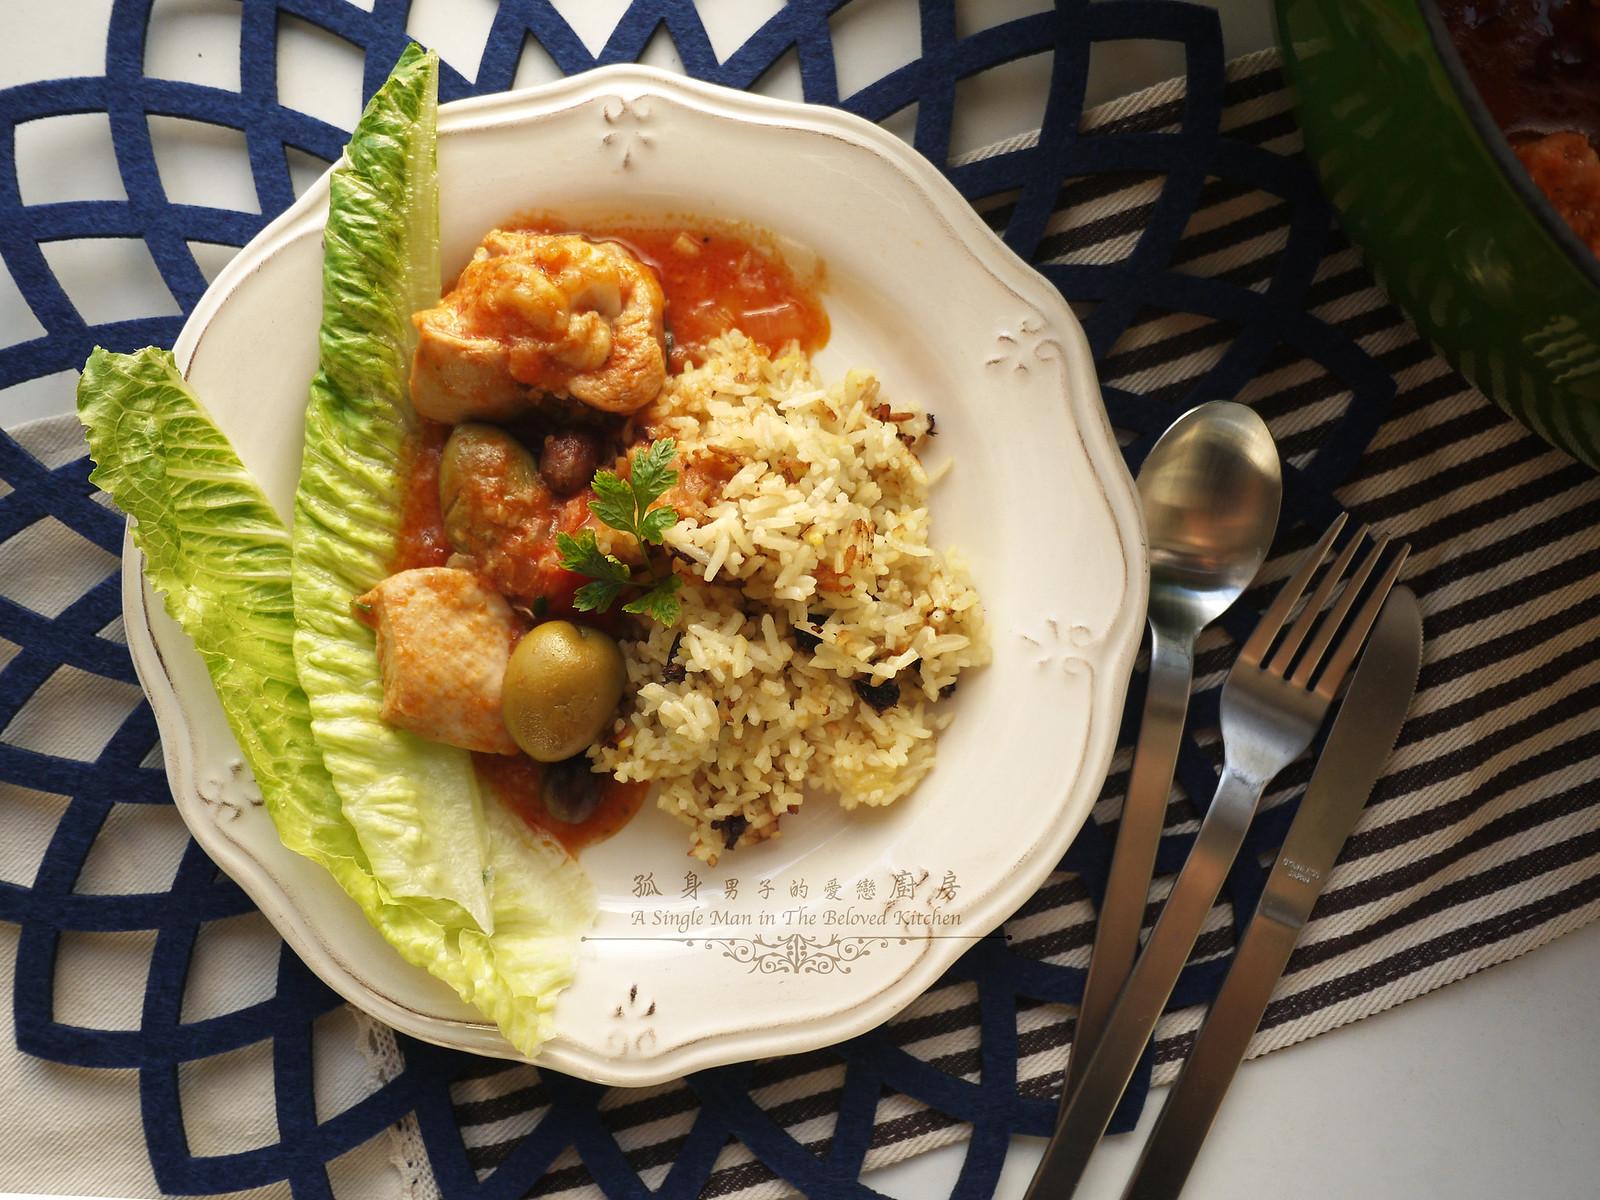 孤身廚房-蕃茄橄欖燴雞肉佐番紅花香米40